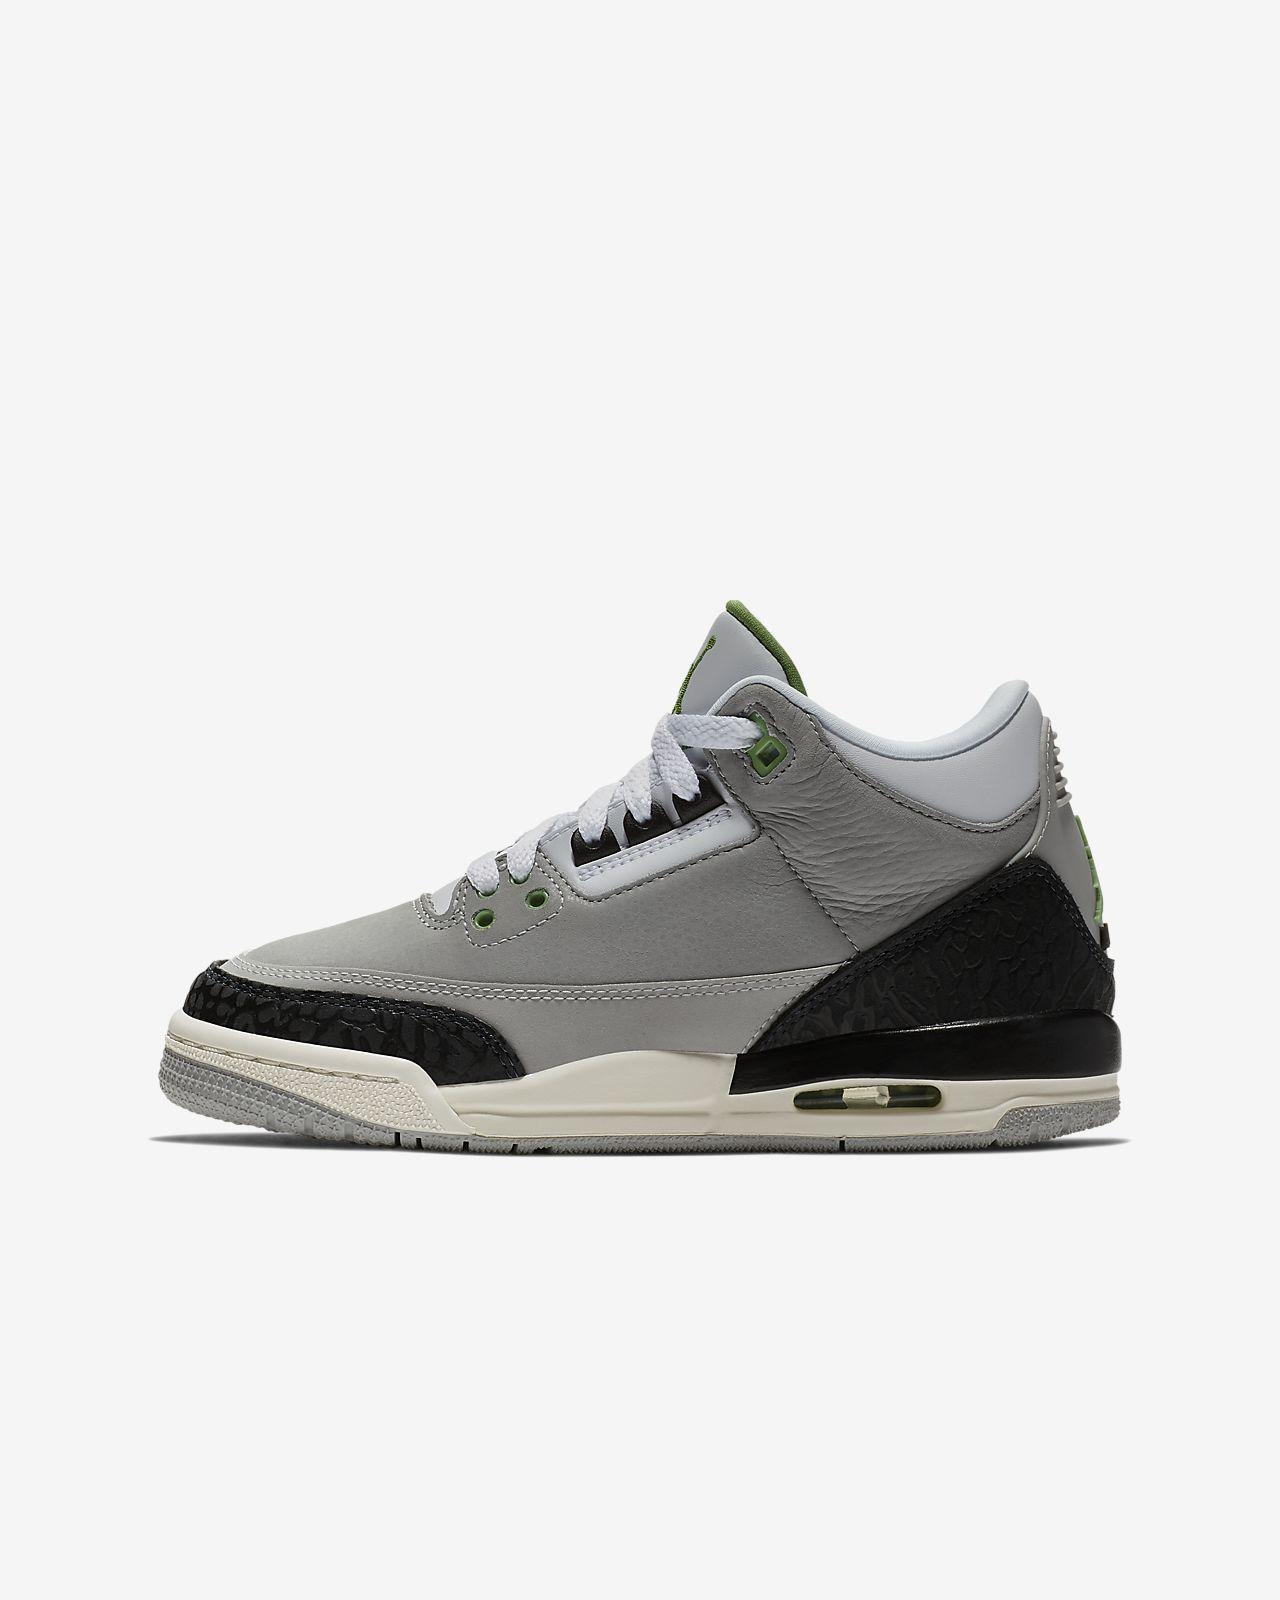 58478103c18 Calzado para niños Air Jordan 3 Retro. Nike.com MX